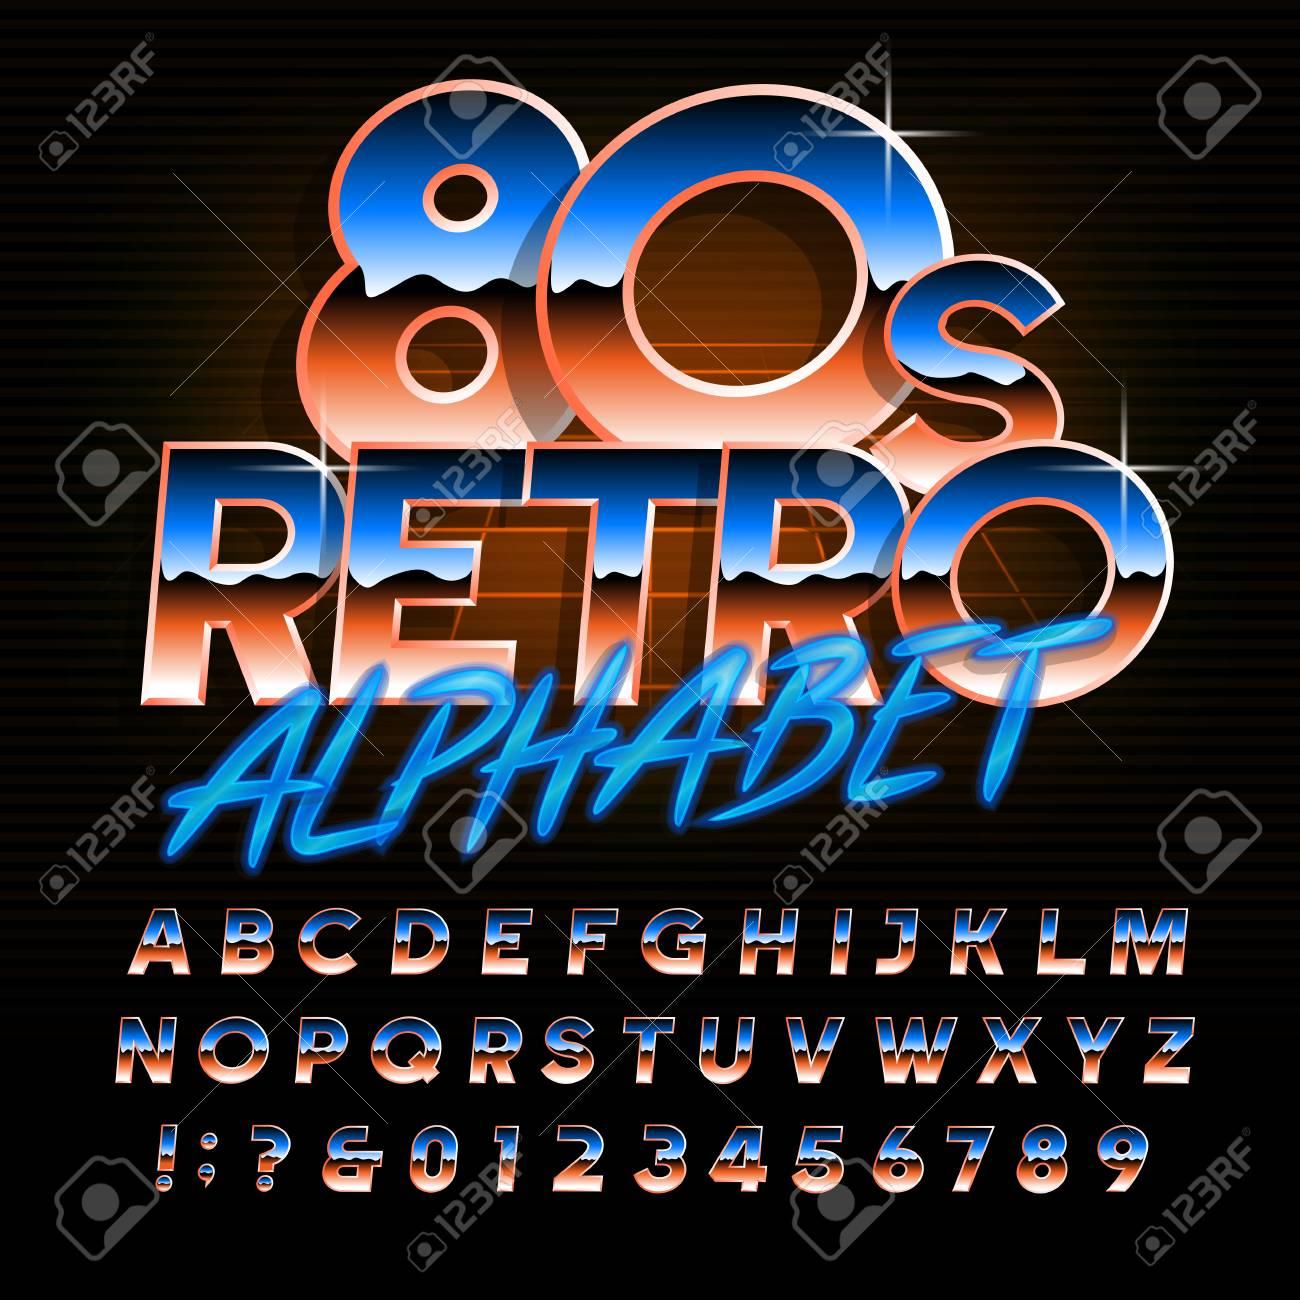 80s retro alphabet font  Uppercase oblique shiny gradient letters